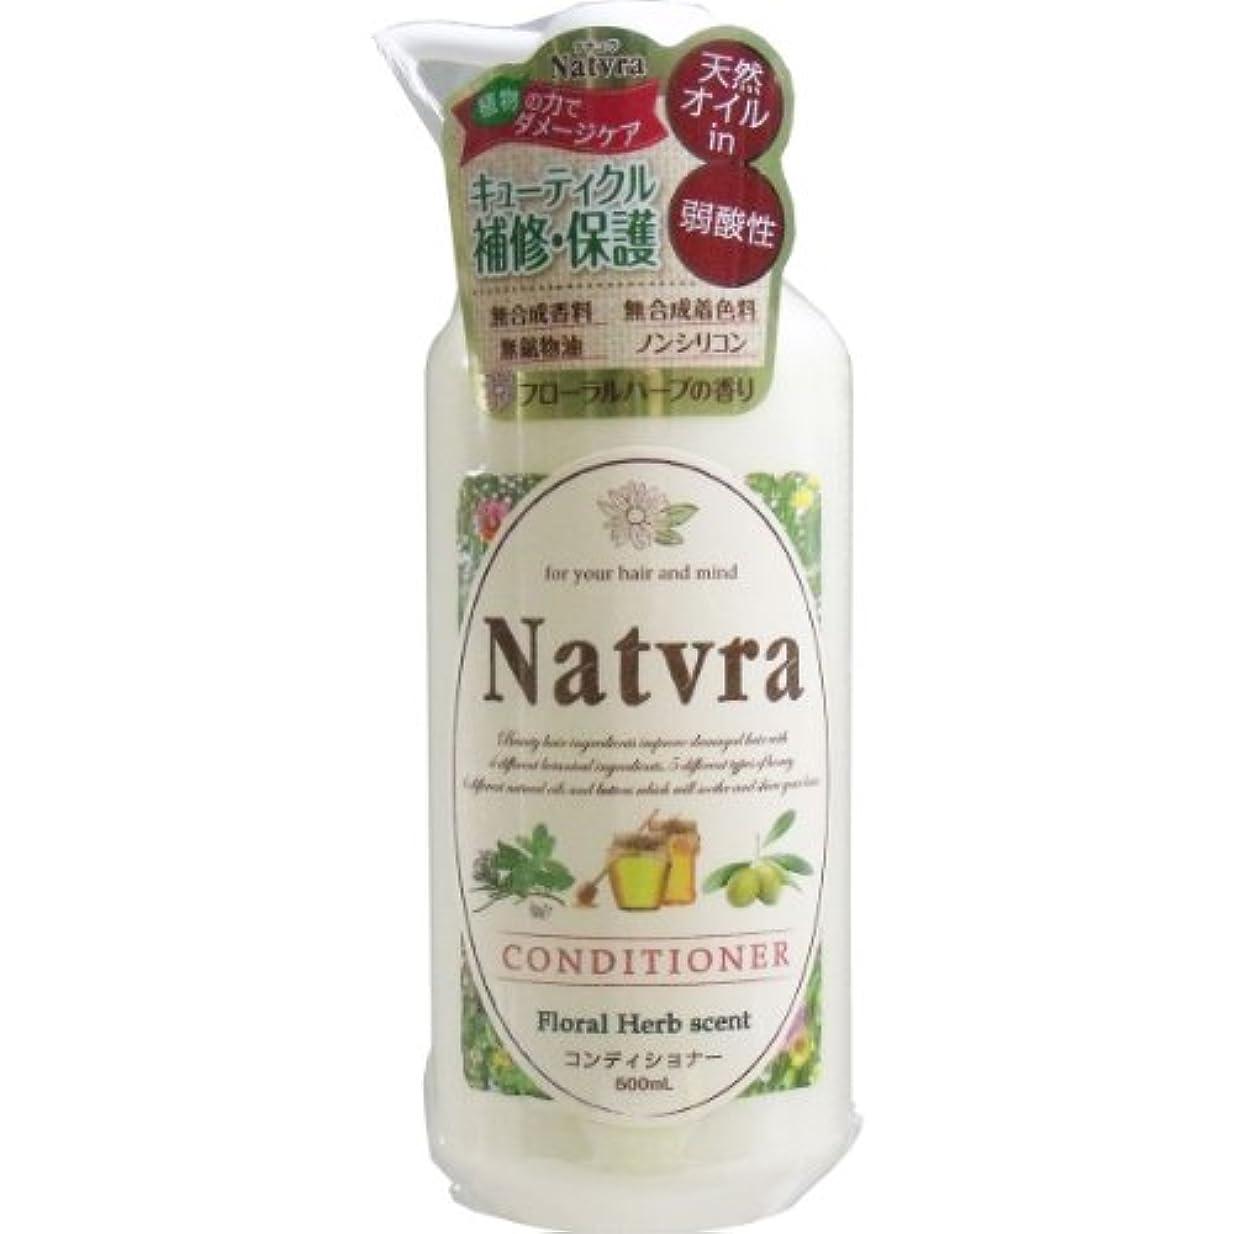 ビザビタミンデマンドNatvra(ナチュラ) コンディショナー フローラルハーブの香り 500mL【2個セット】